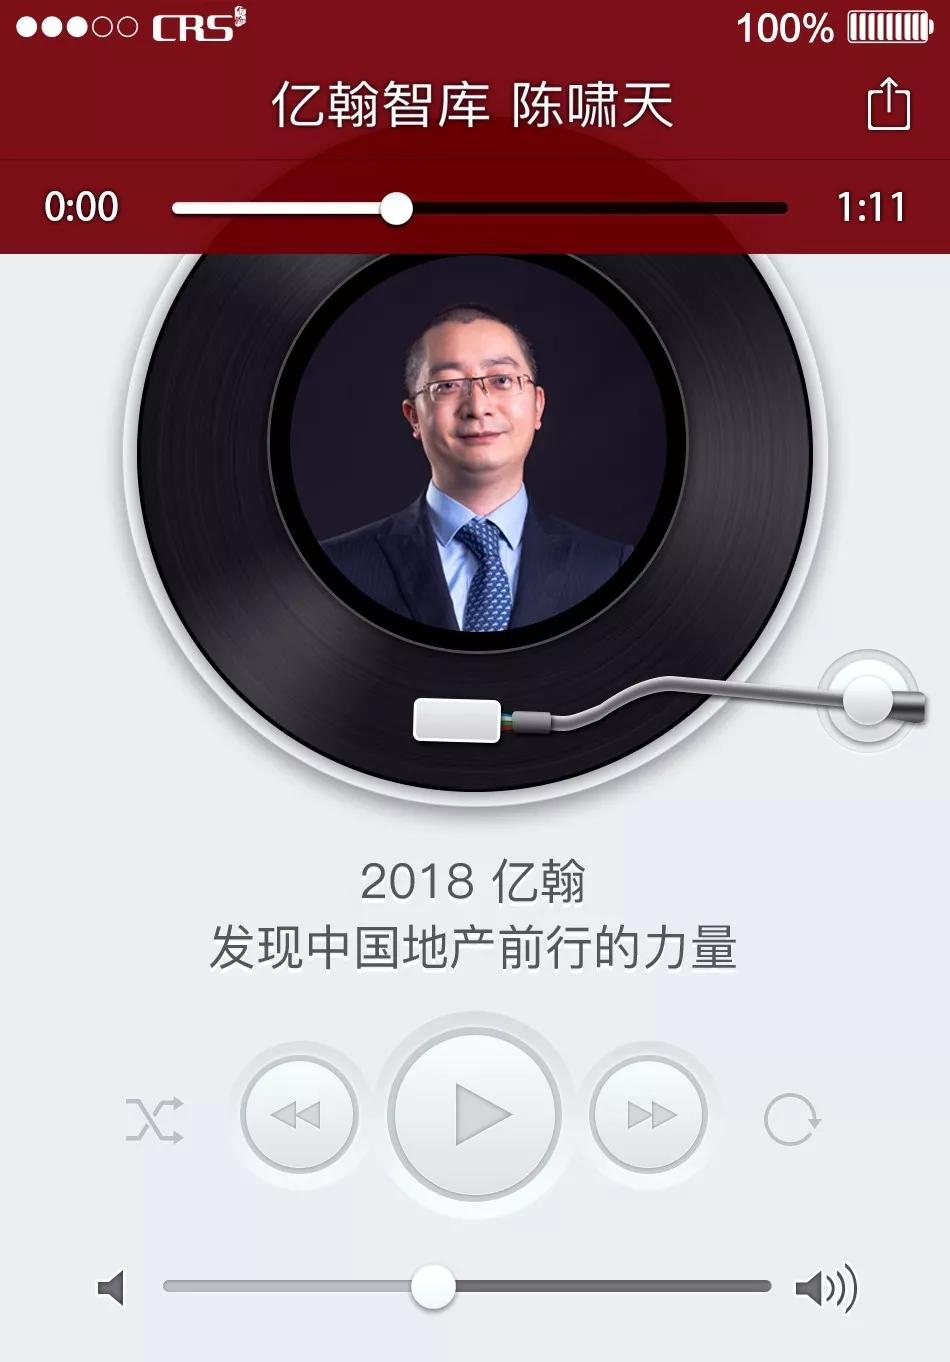 亿翰智库陈啸天 : 2018发现中国地产前行的力量-中国网地产